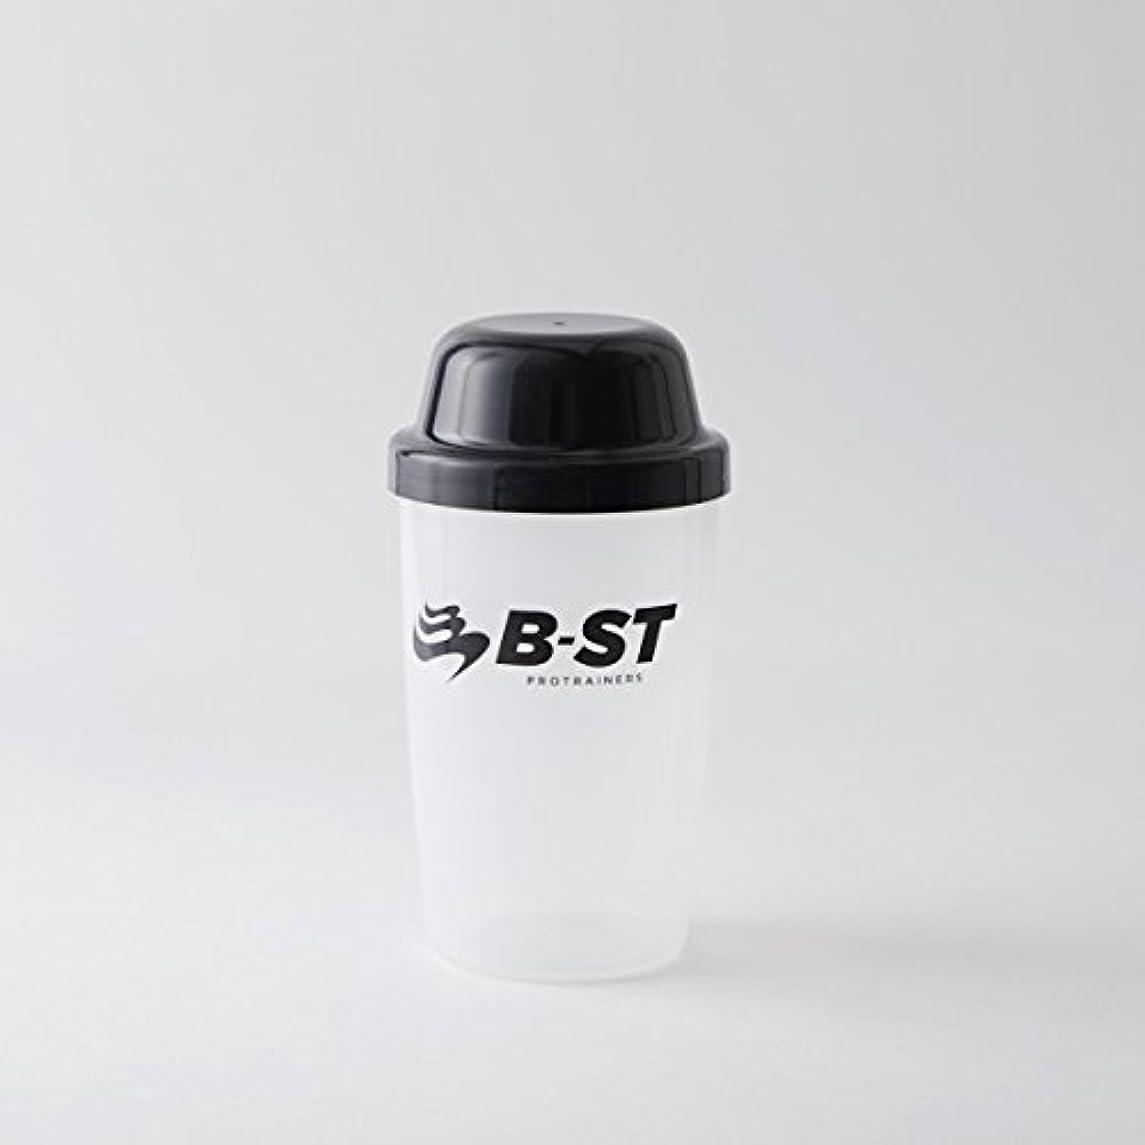 クマノミハプニング賛辞B-STプロテインシェーカー